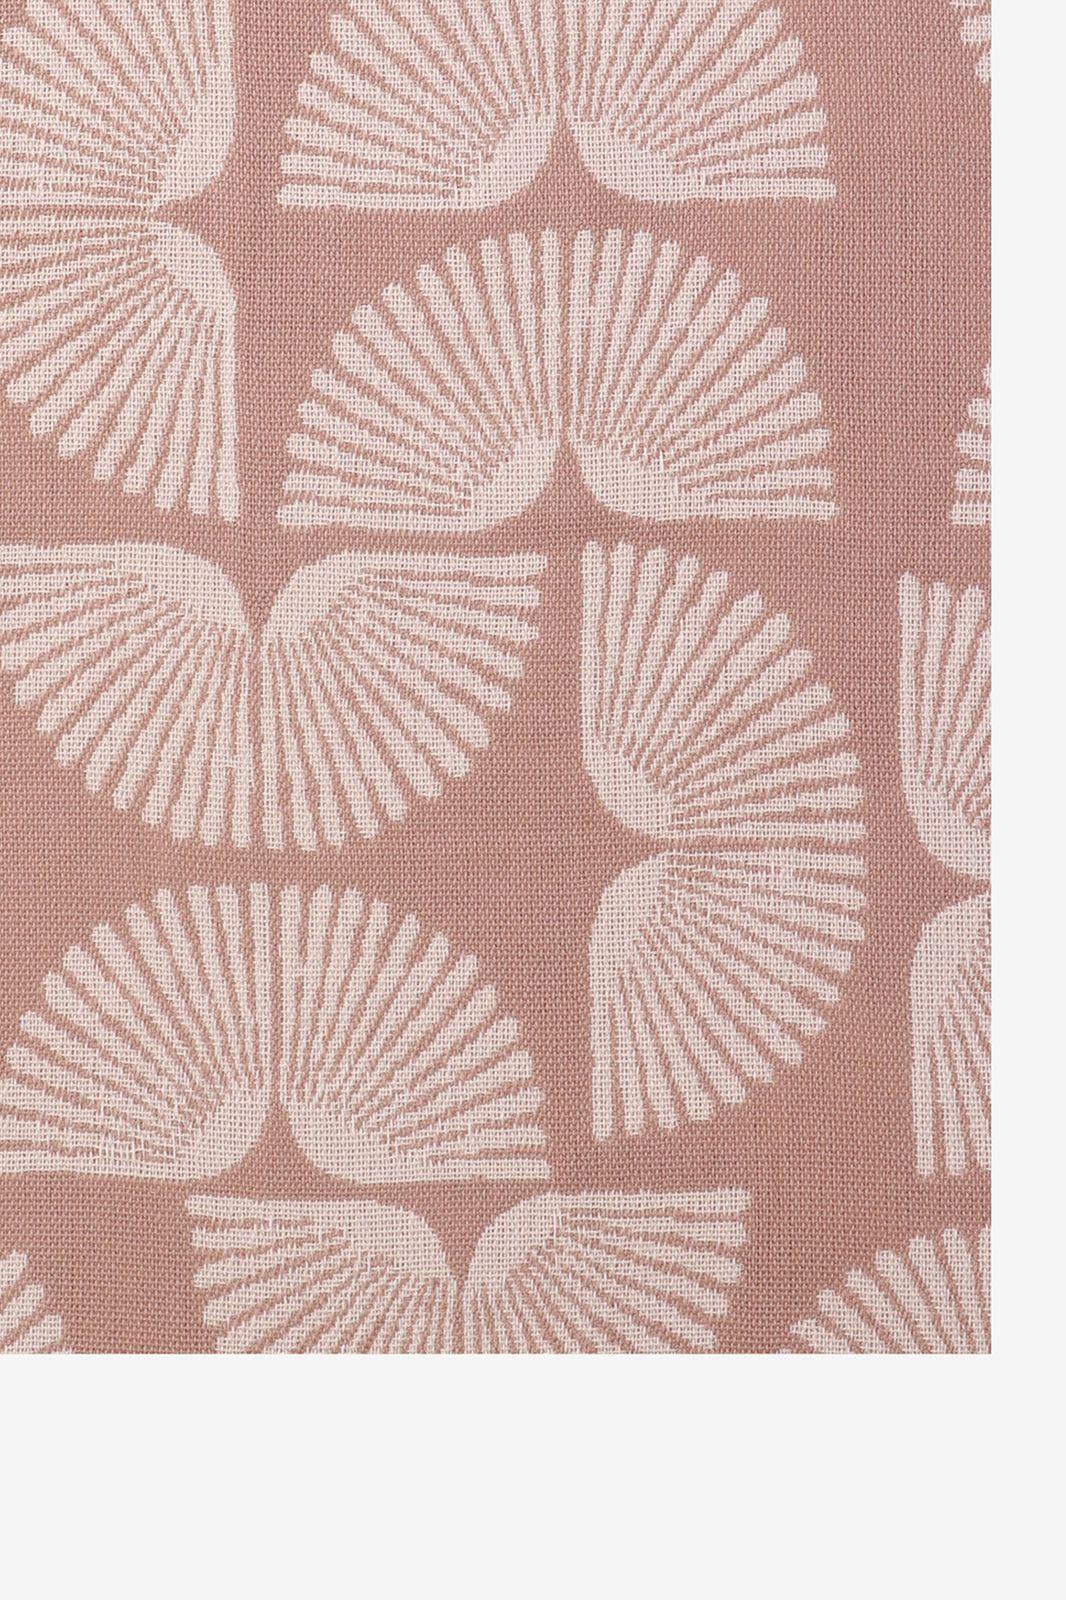 Bruine/roze deken native fan